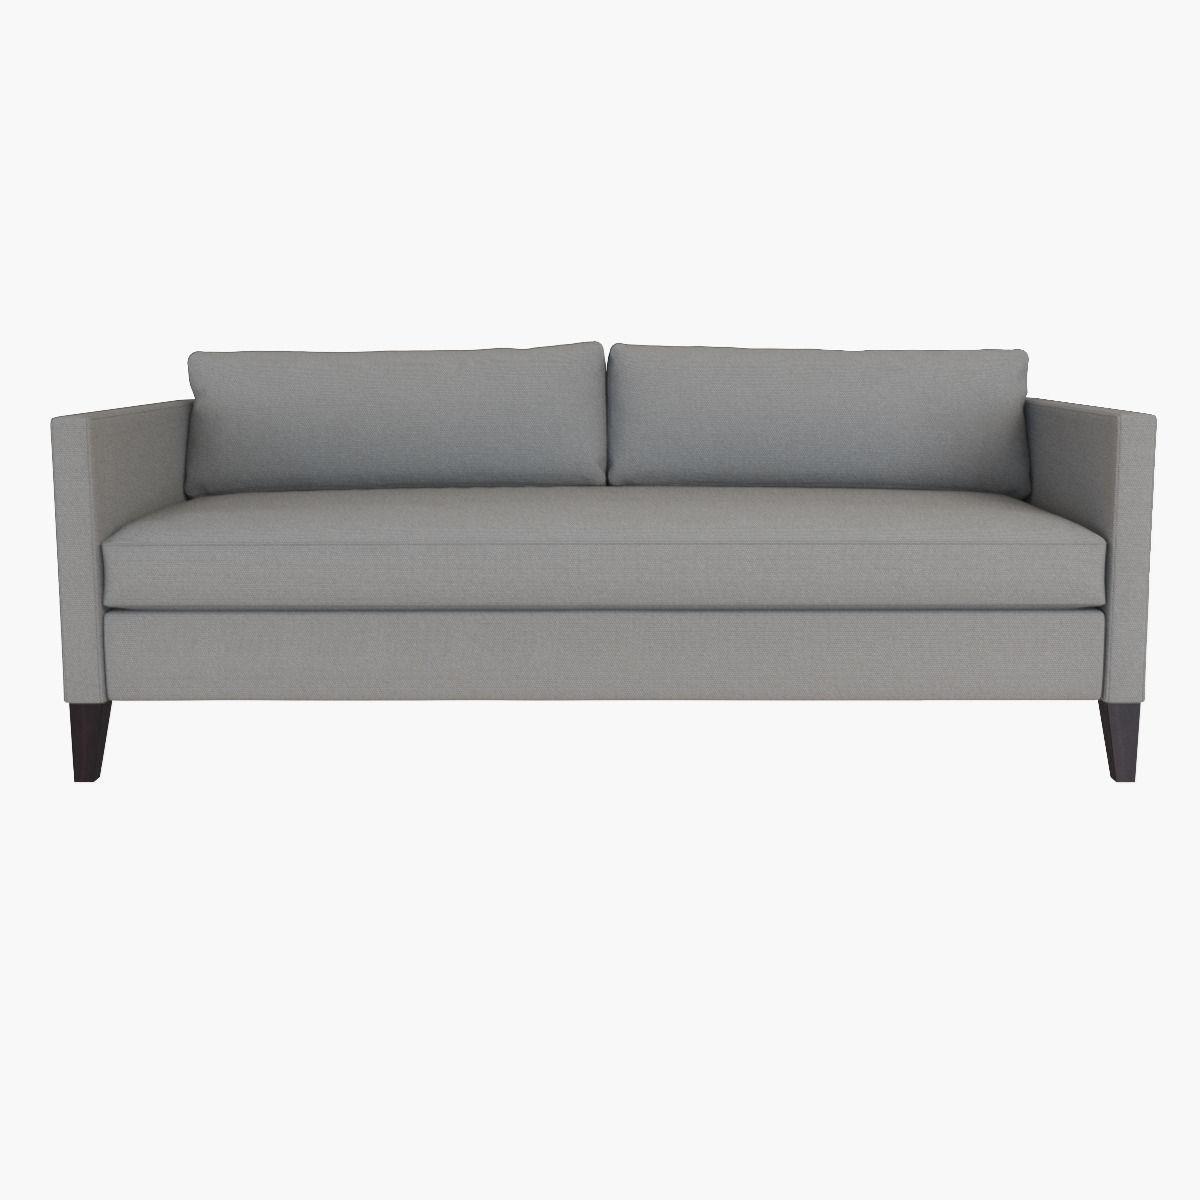 Good West Elm Dunham Down Filled Sofa   Box Cushion 3d Model Max Obj Fbx Mtl ...